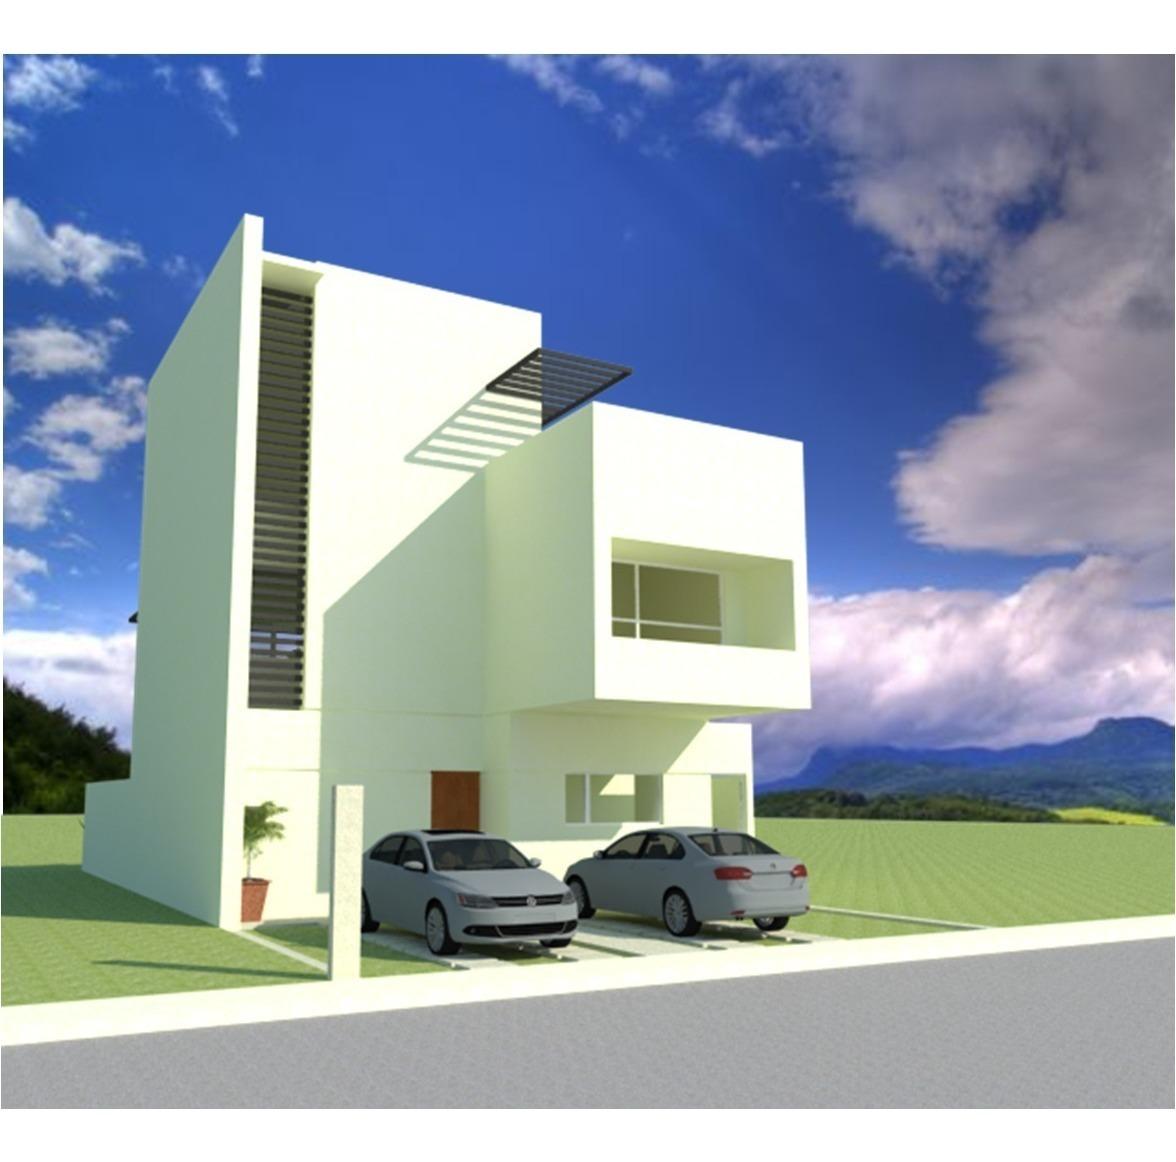 Planos de casa arq 3d hidro sanitario elec for Crea casa 3d